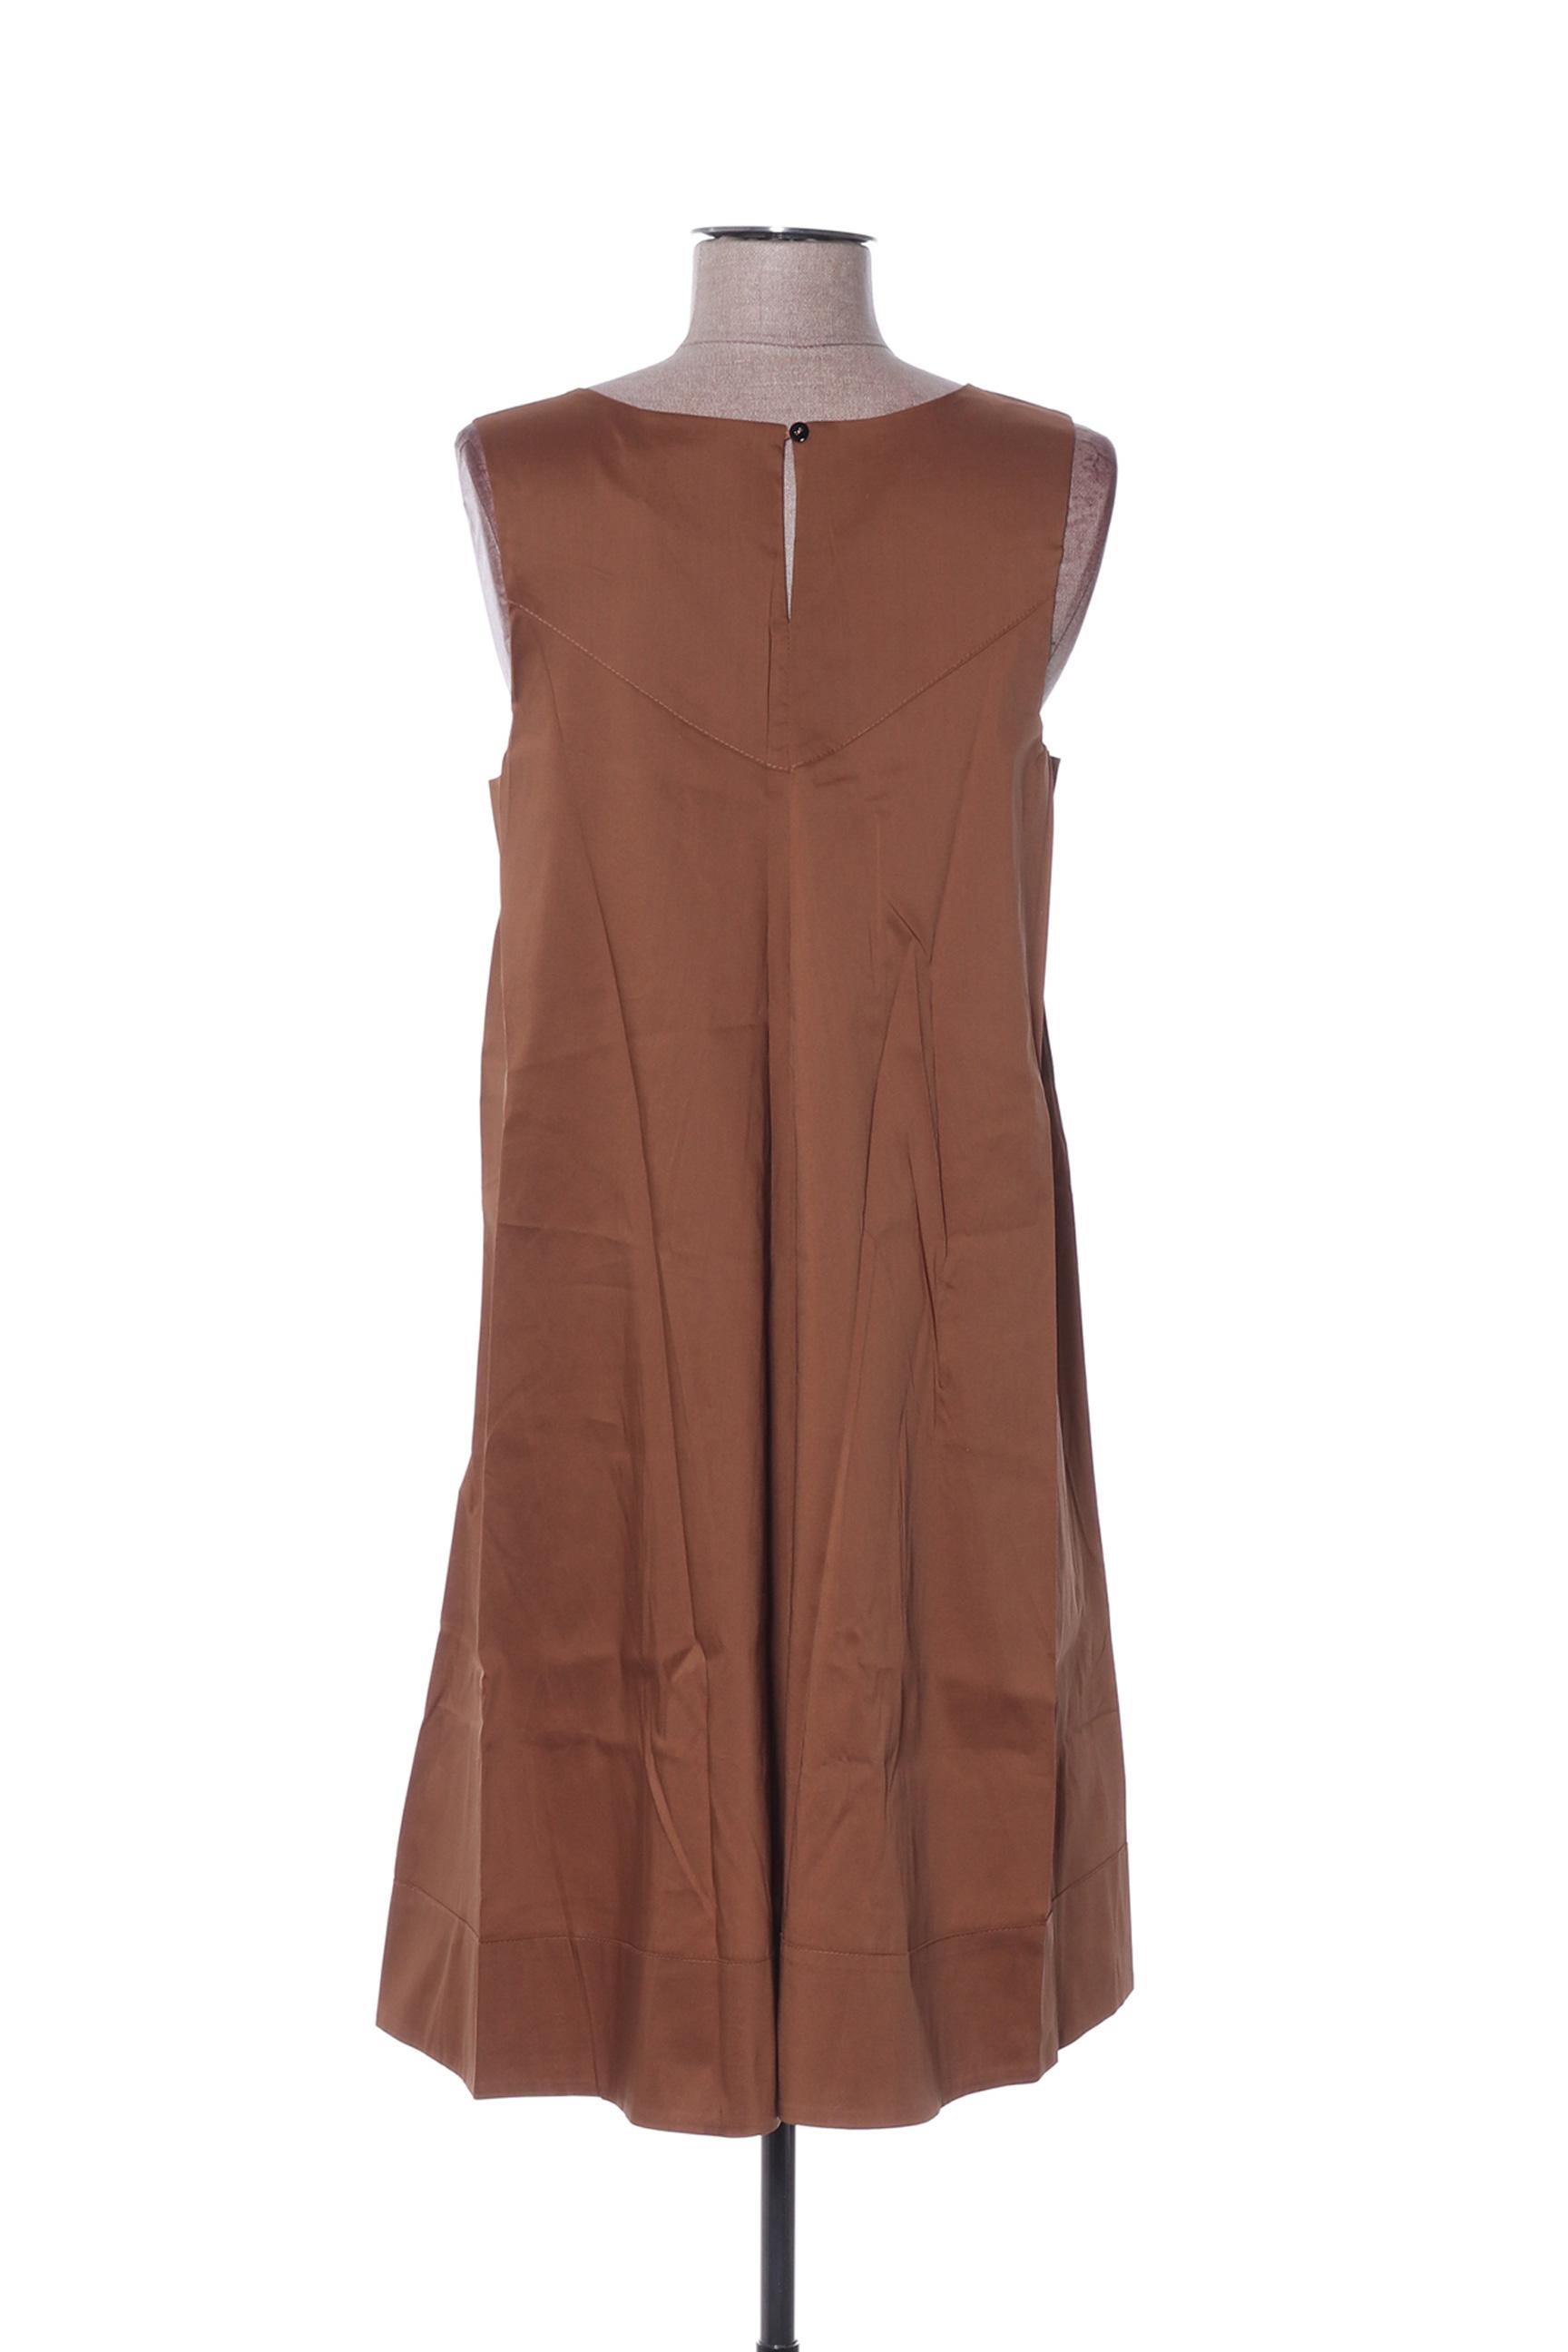 La Fee Maraboutee Robes Mi Longues Femme De Couleur Marron En Soldes Pas Cher 1397378-marron